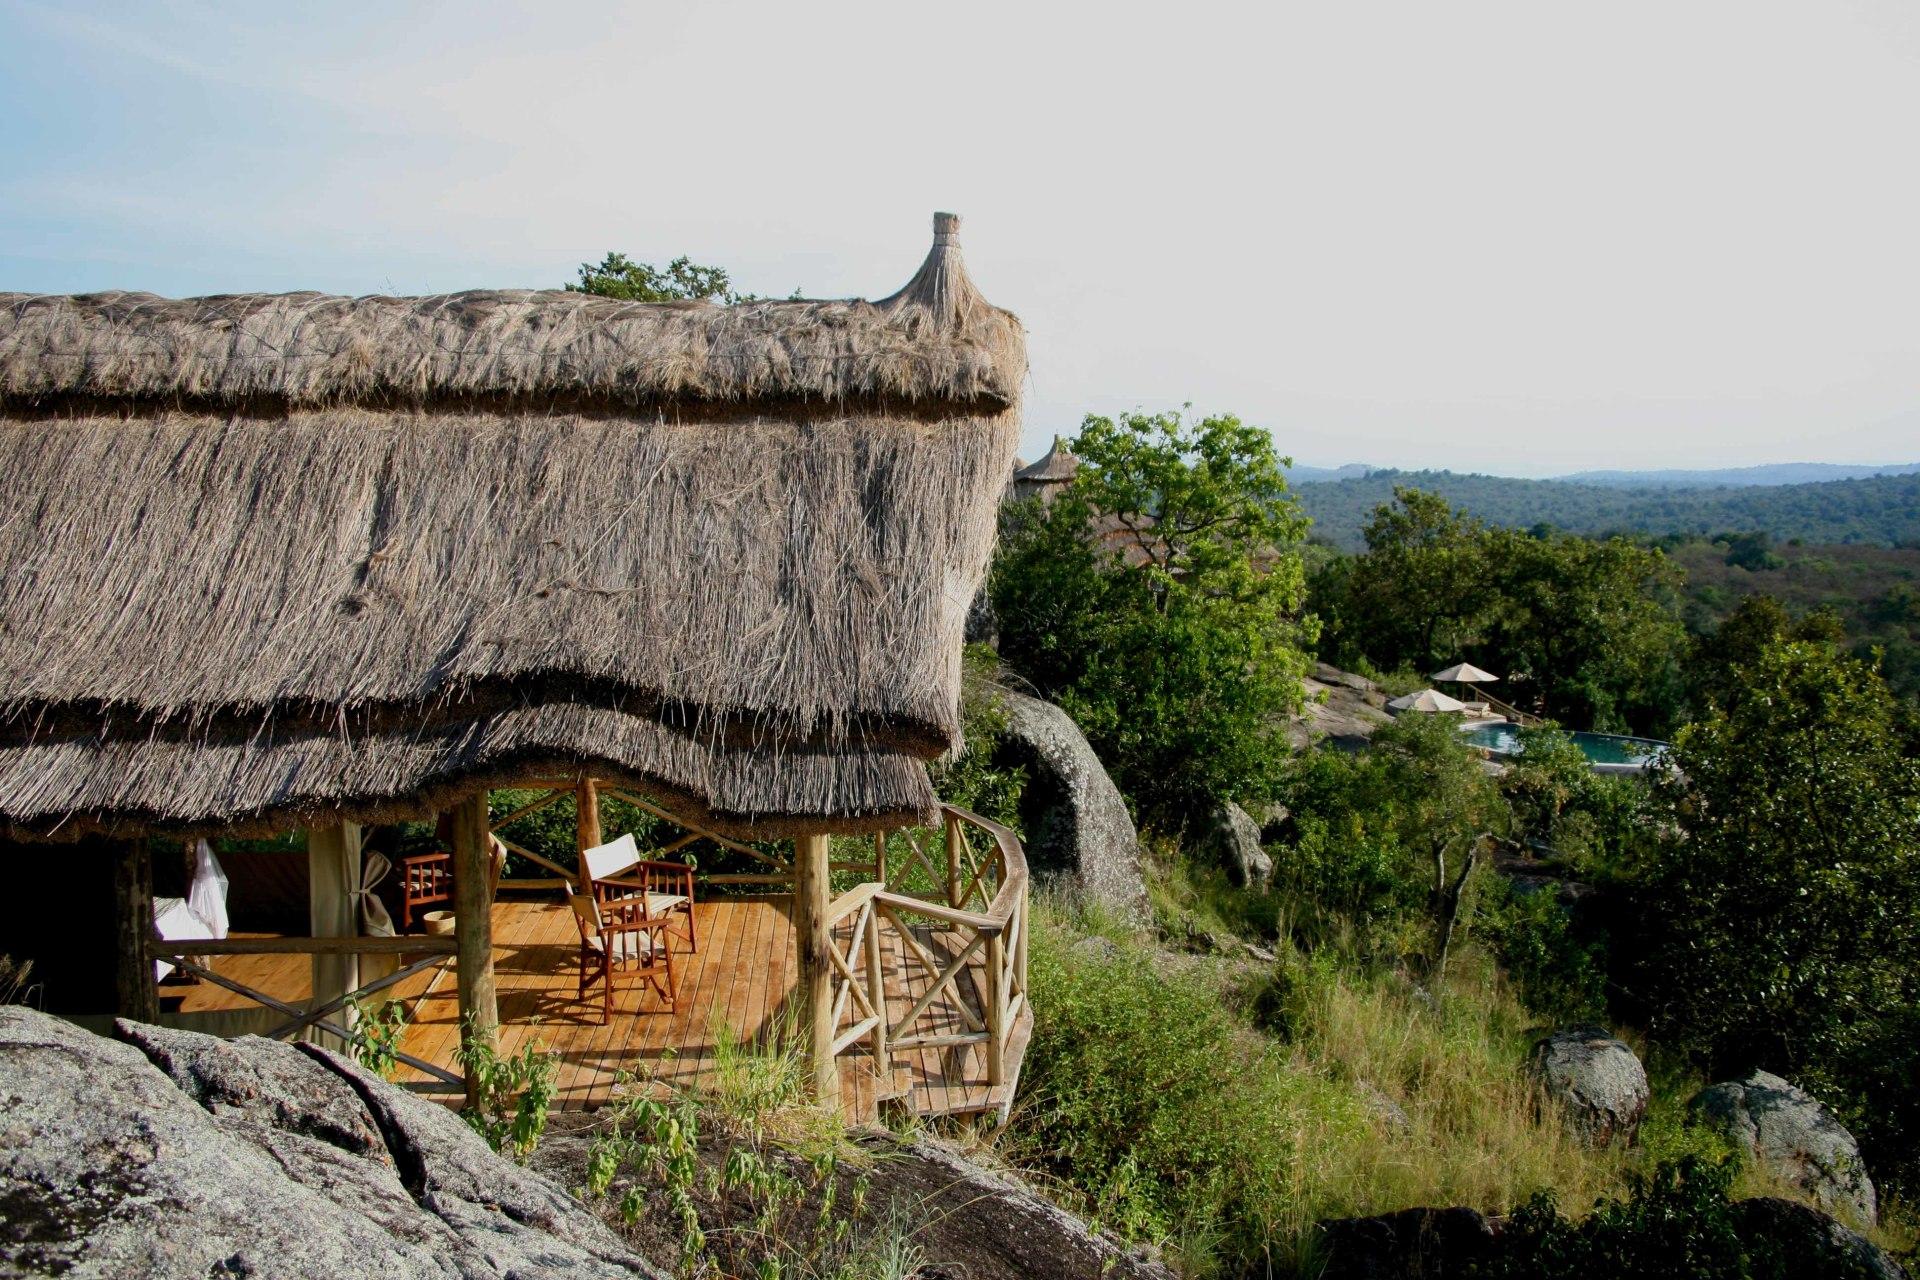 Aussenansicht eines Gaestezimmers in der Mihingo Lodge